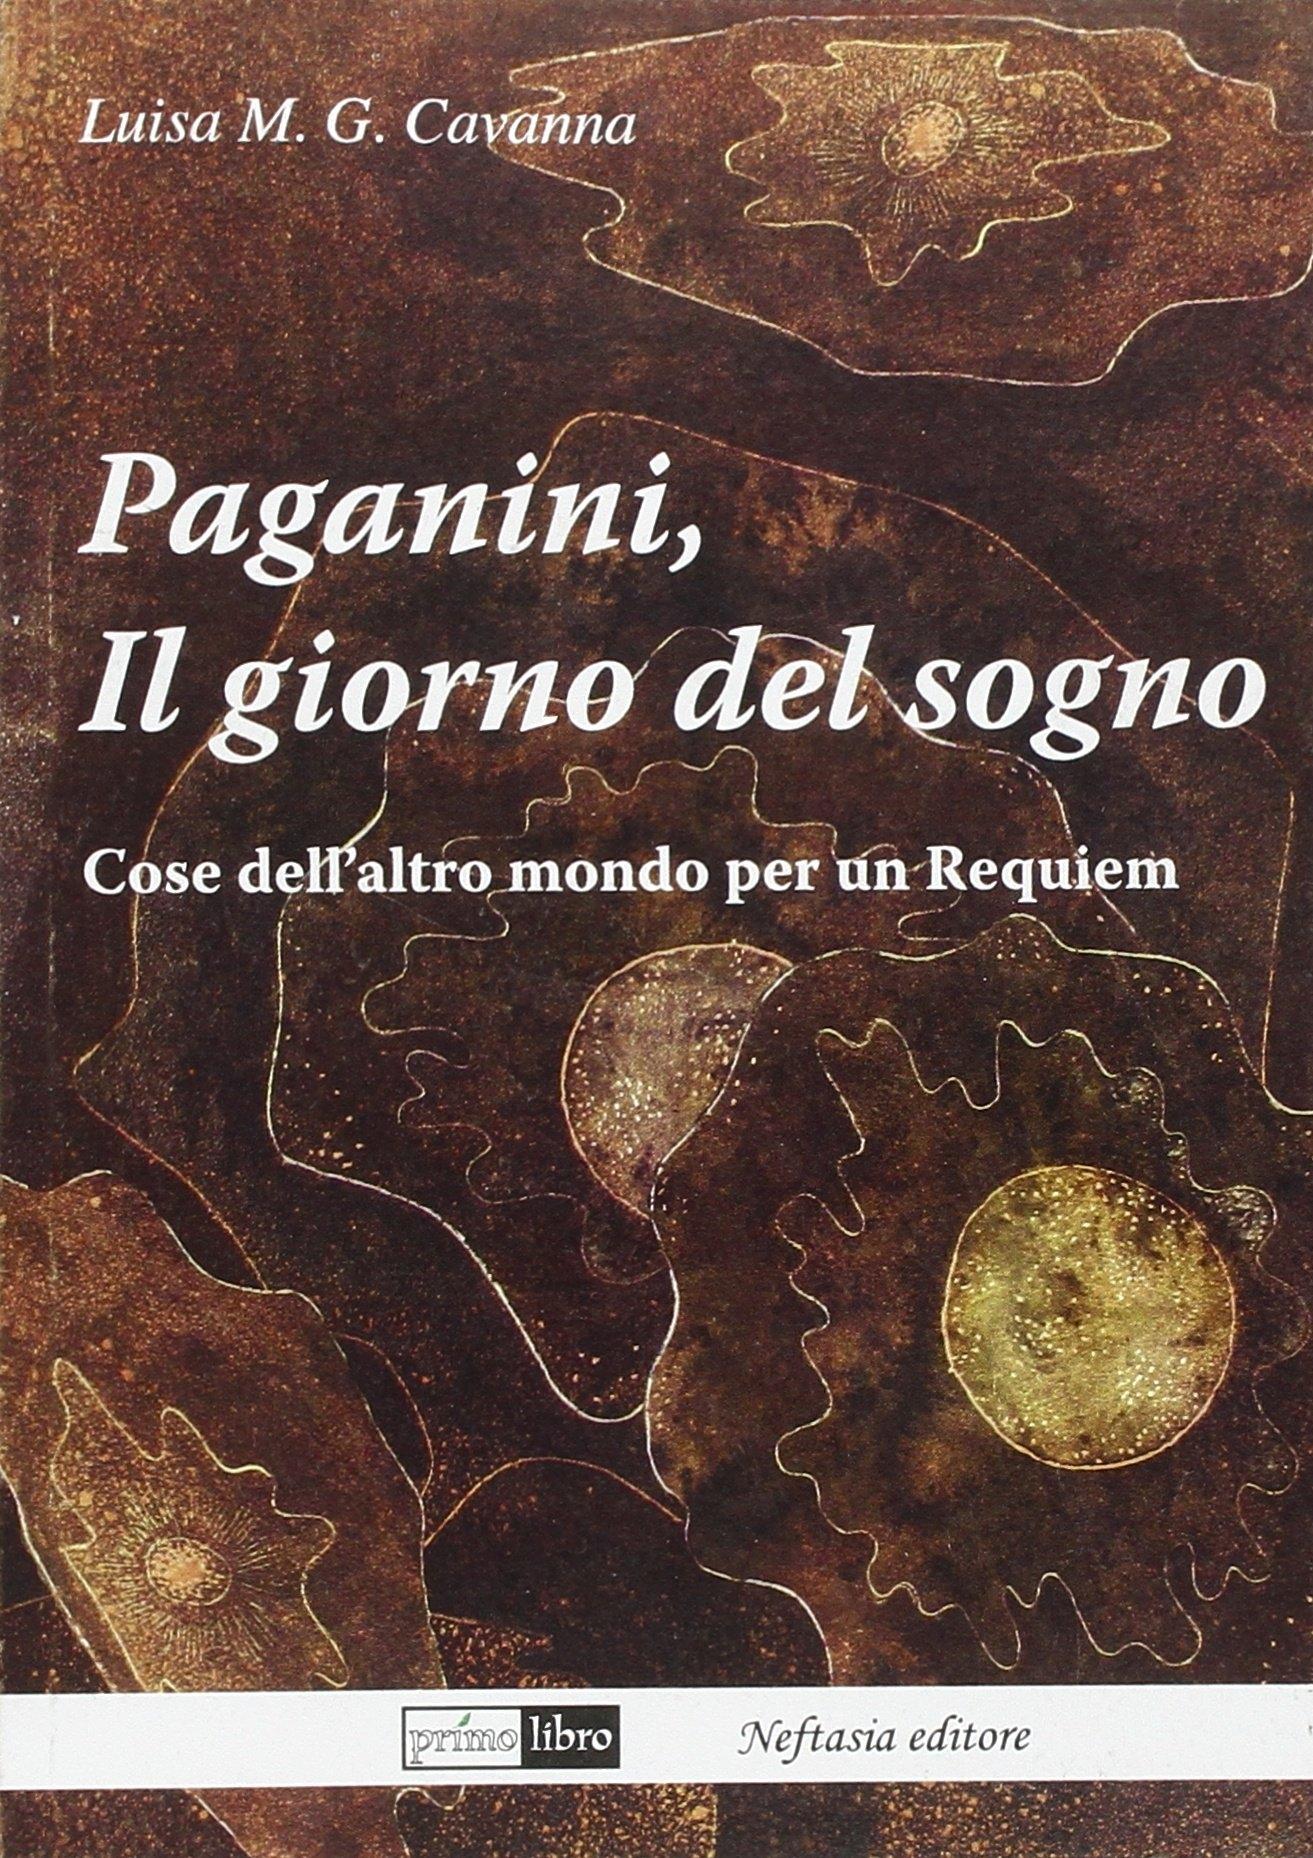 Paganini, il giorno del sogno. Cose dell'altro mondo per un requiem.